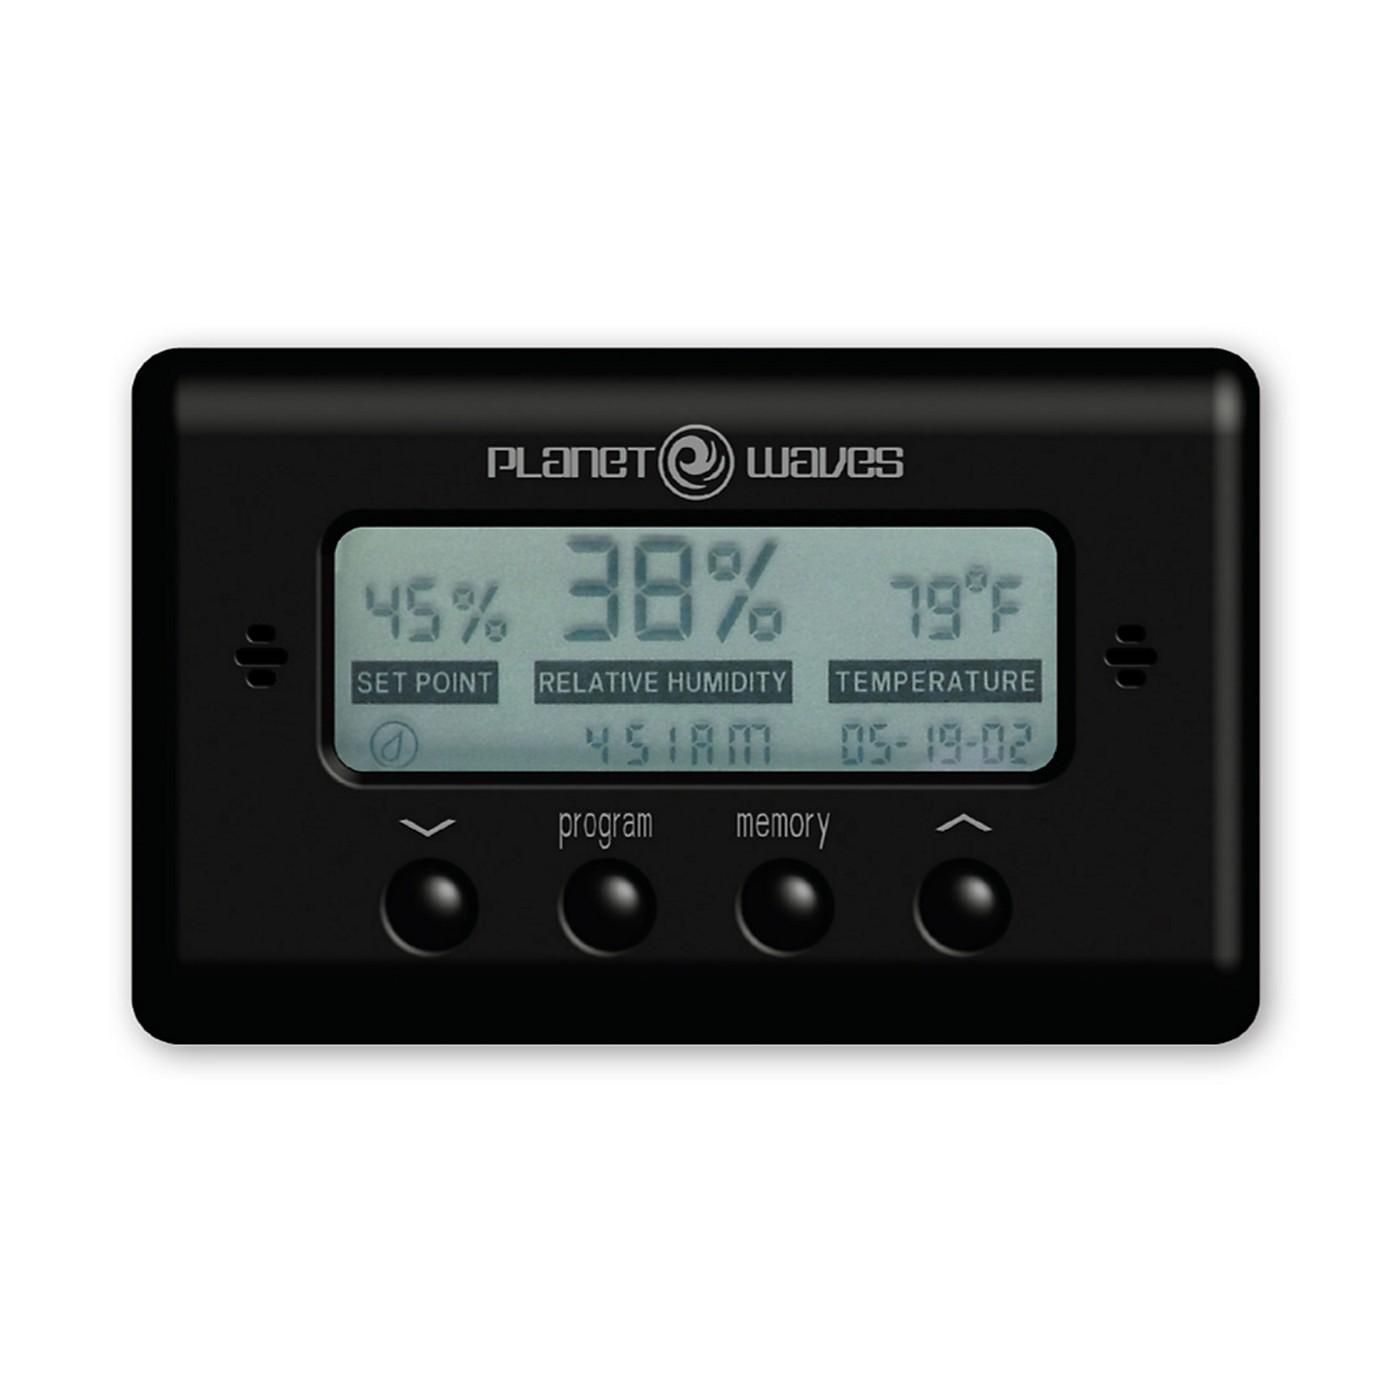 D'Addario Planet Waves Humidity and Temperature Sensor thumbnail